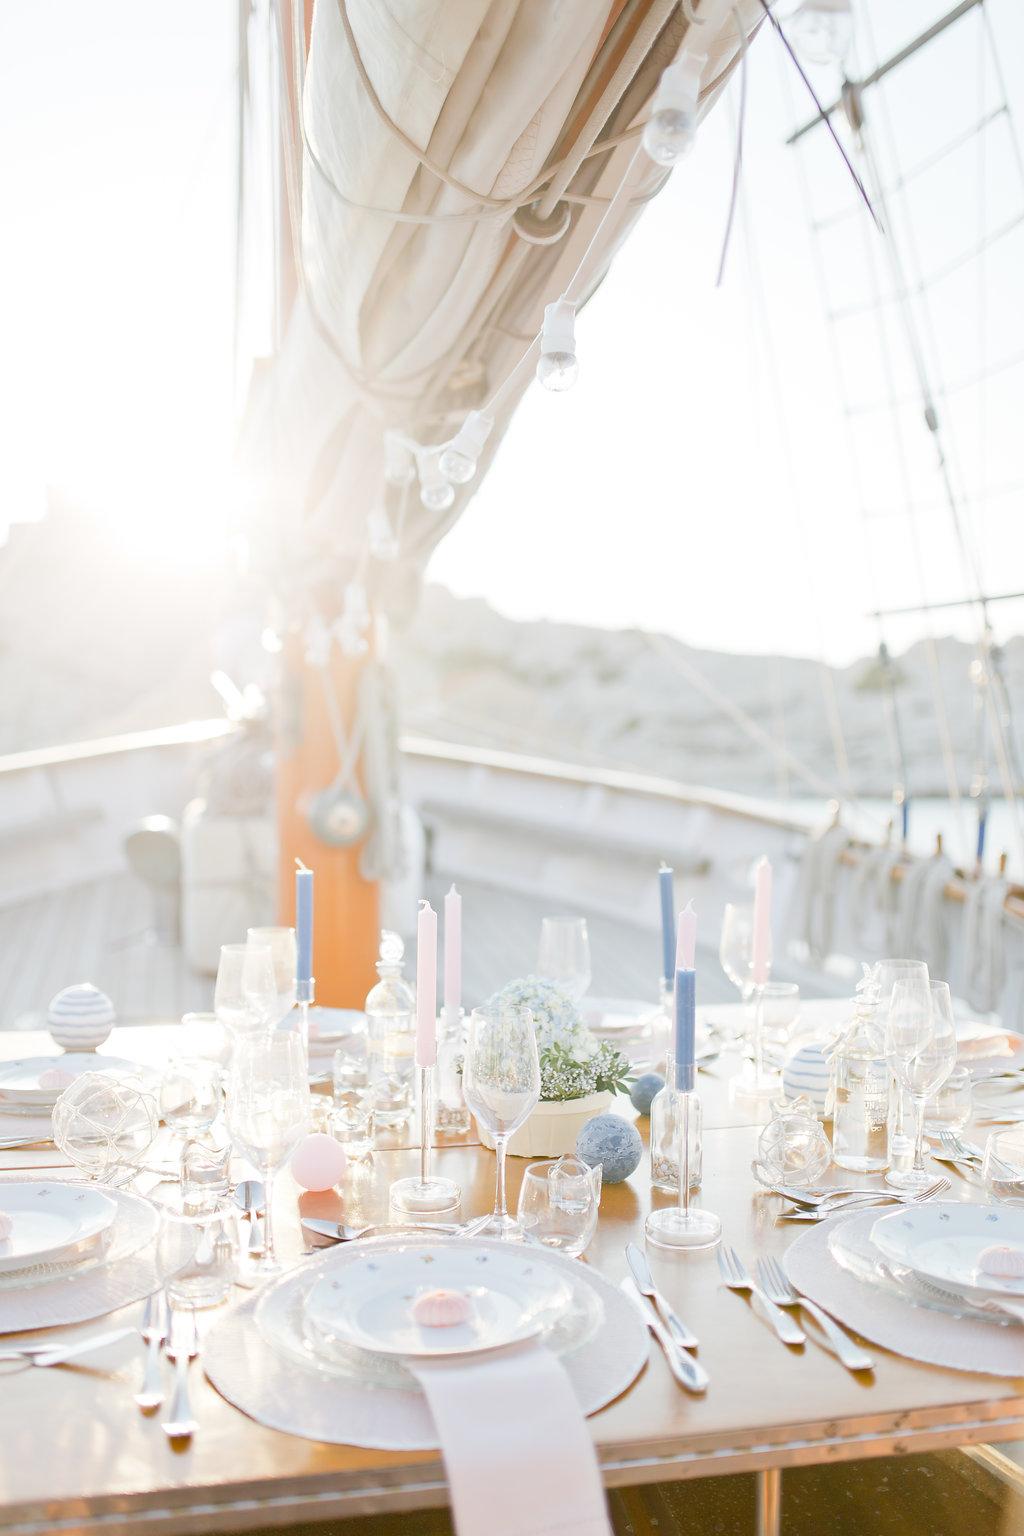 le coeur dans les etoiles - wedding planner - provence - sardaigne - shooting inspiration - mariage voilier - audrey carnoy - deco table 1